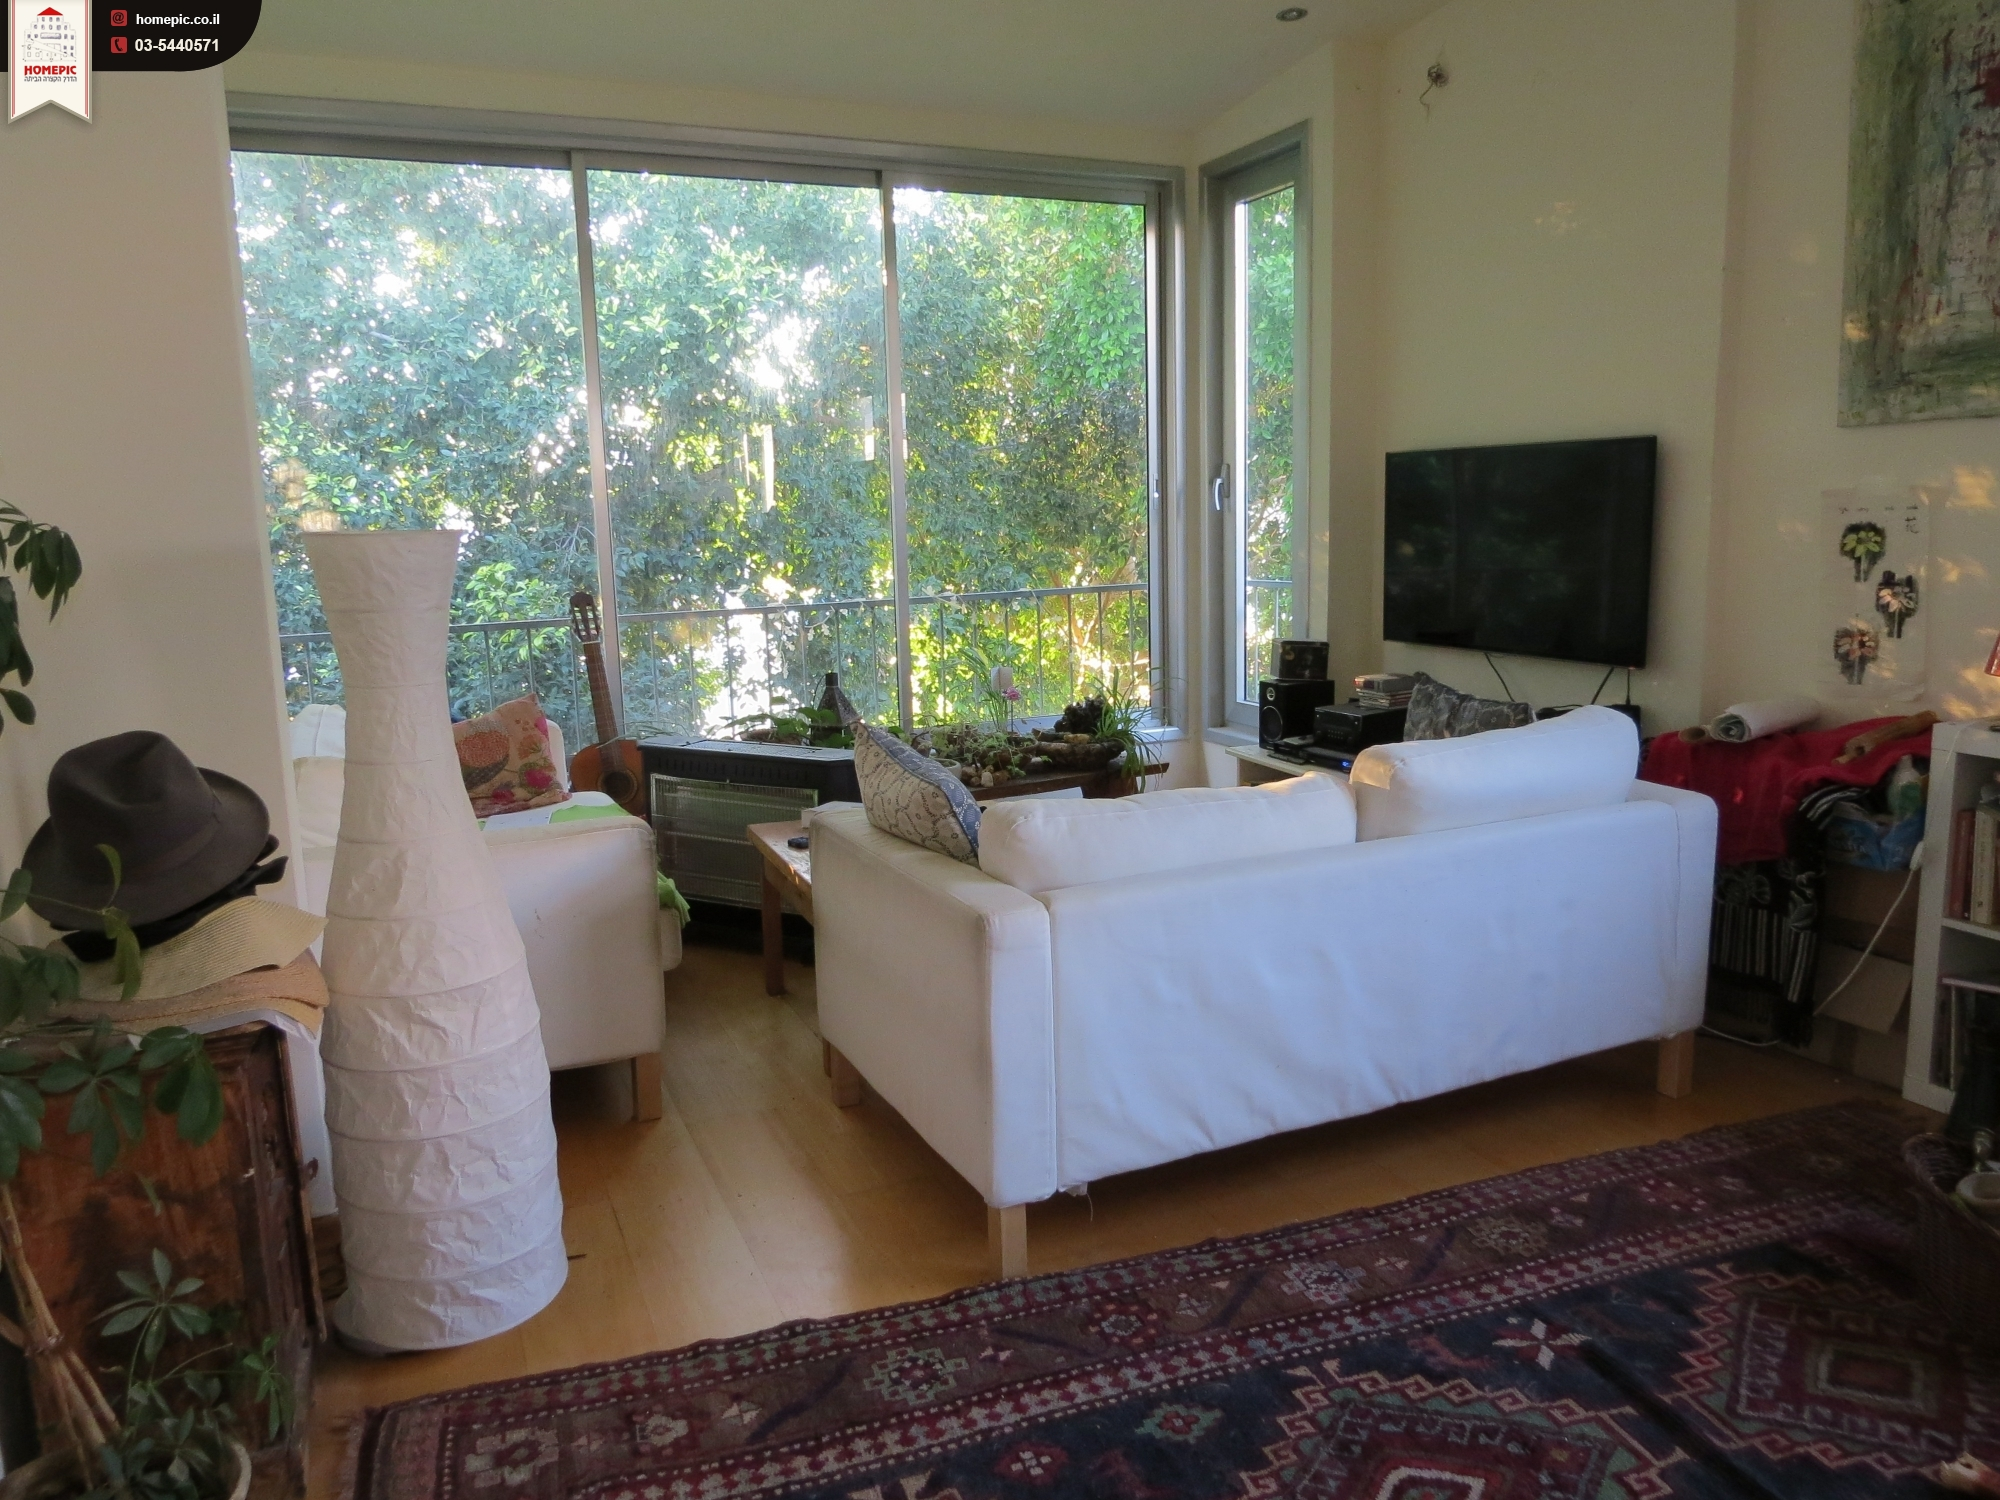 מבריק דירת 4 חדרים בצפון הישן - Homepic ZY-86